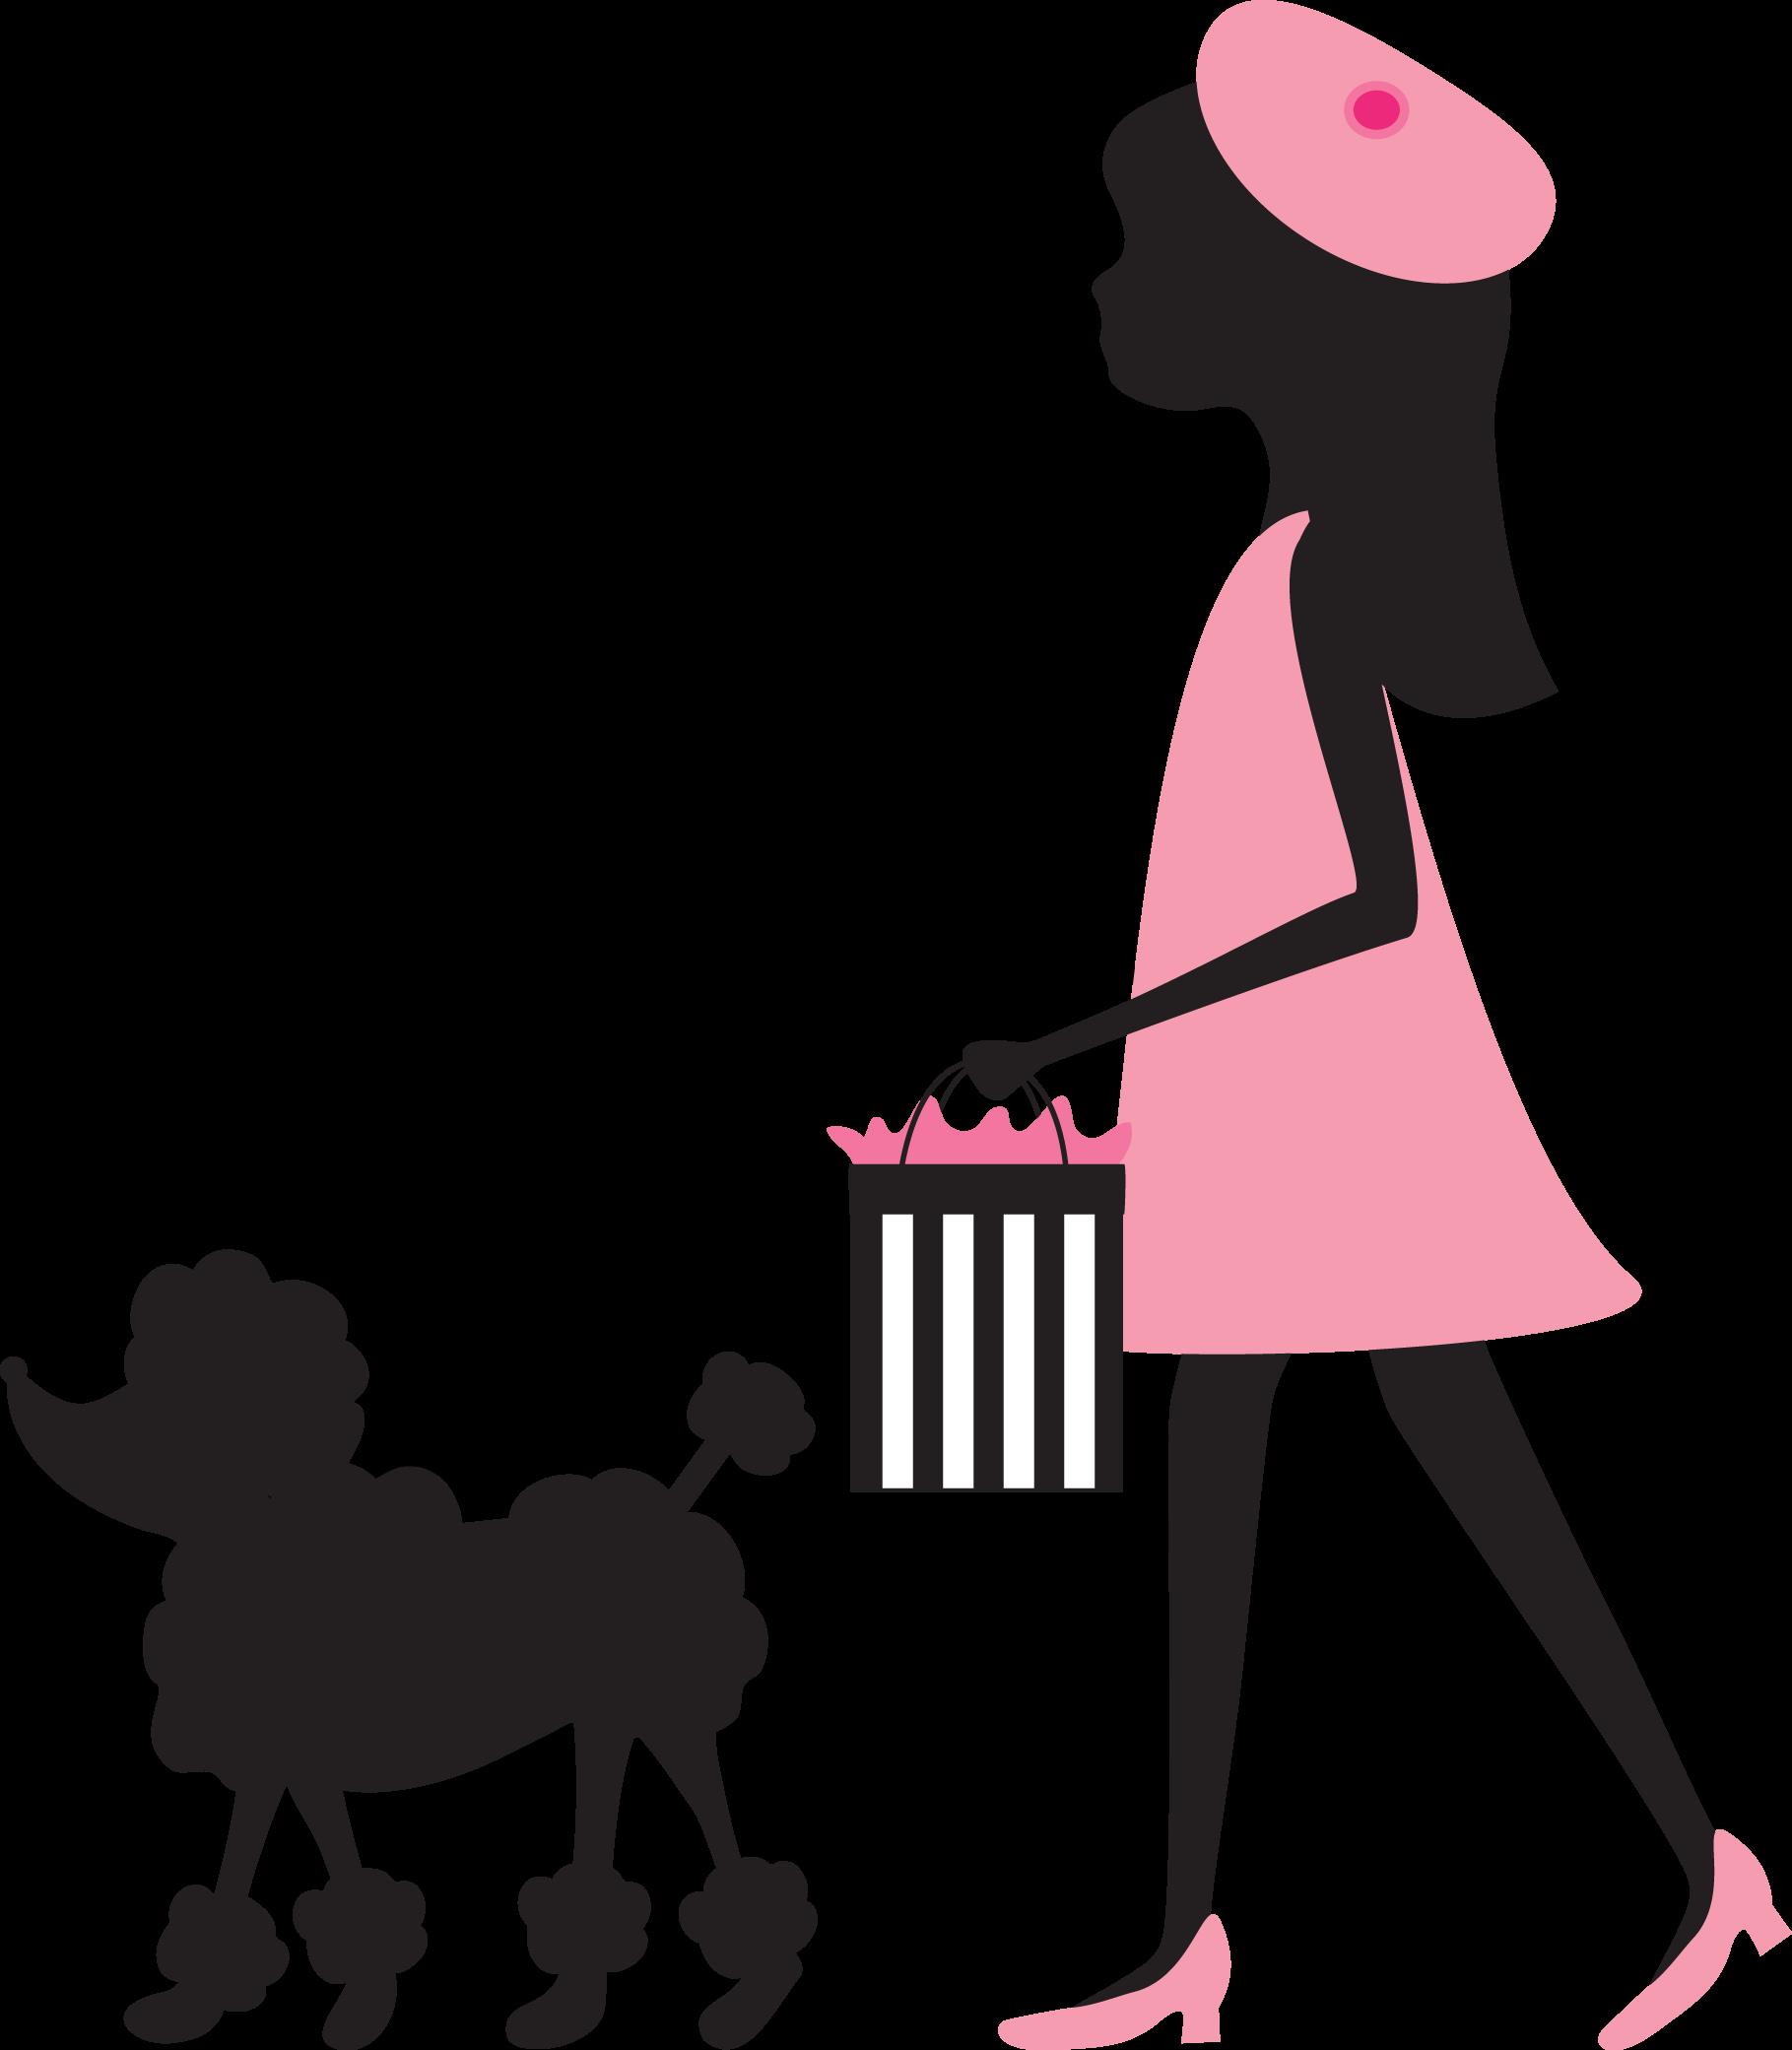 Poodle silhouette clip art. Closet clipart stock photo